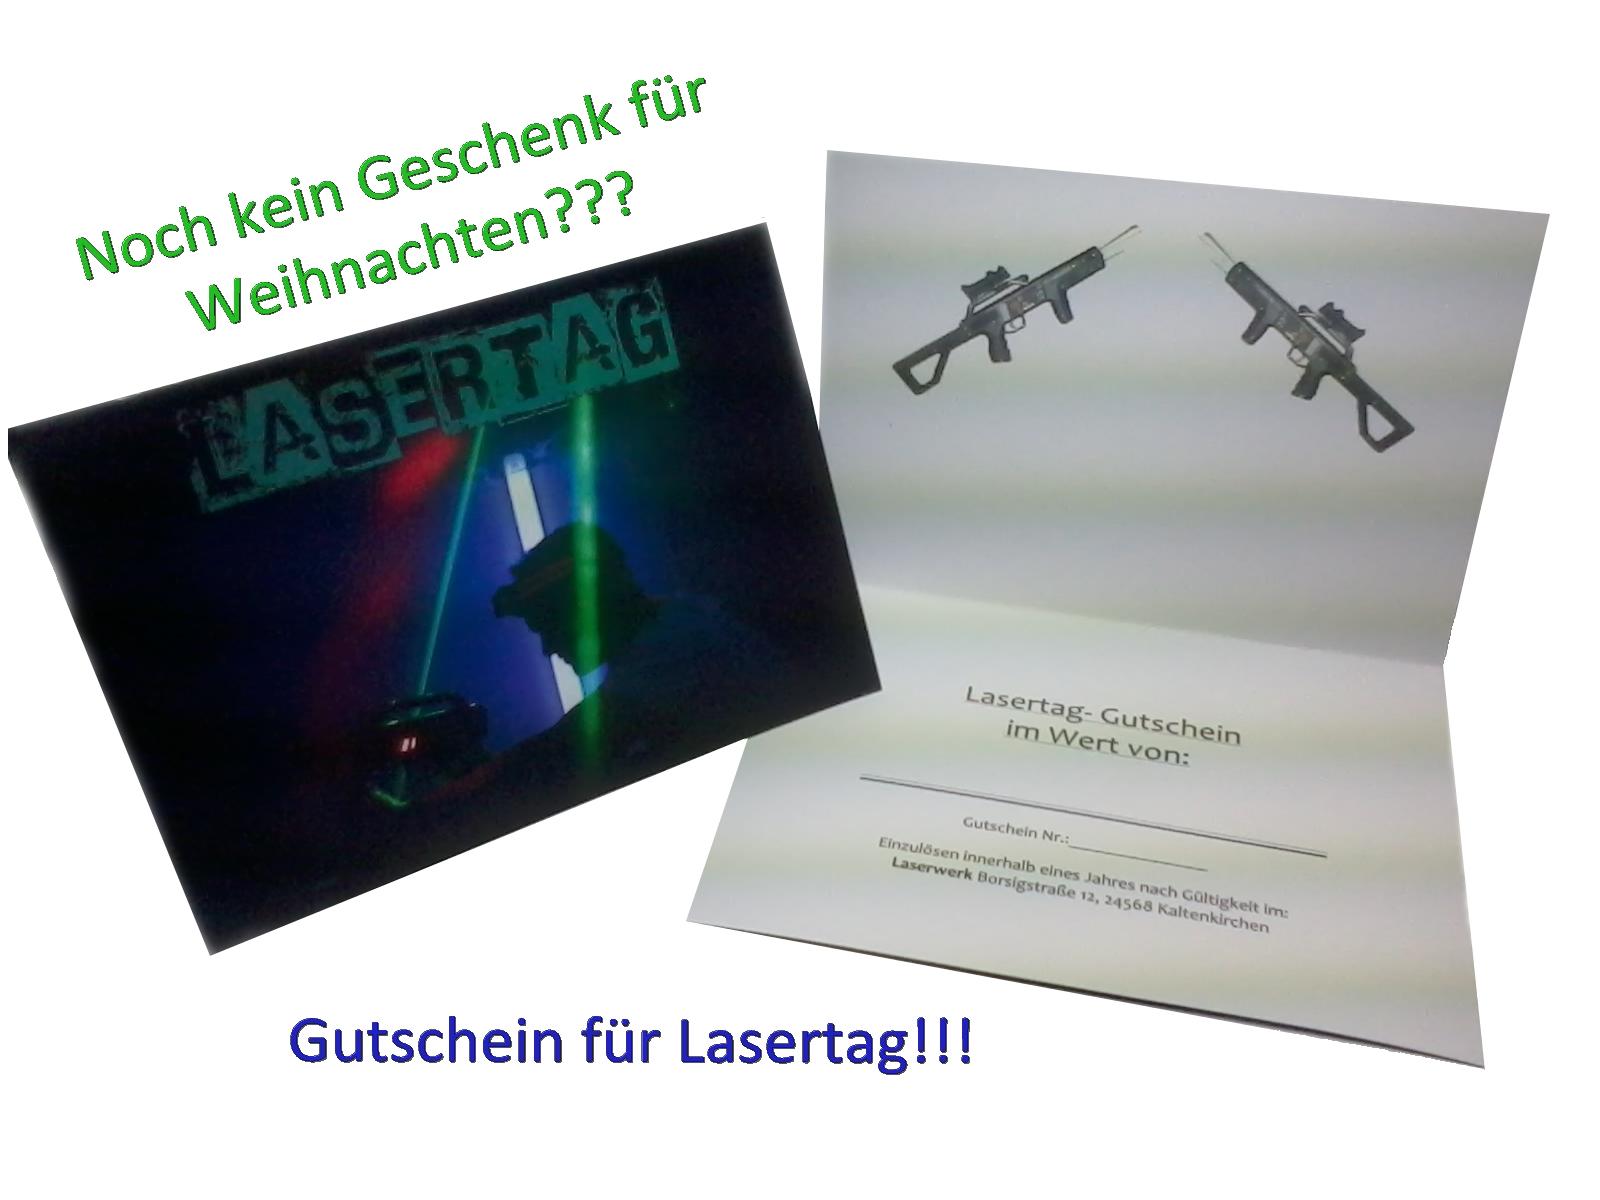 Gutscheine-Bild-Werbung-2